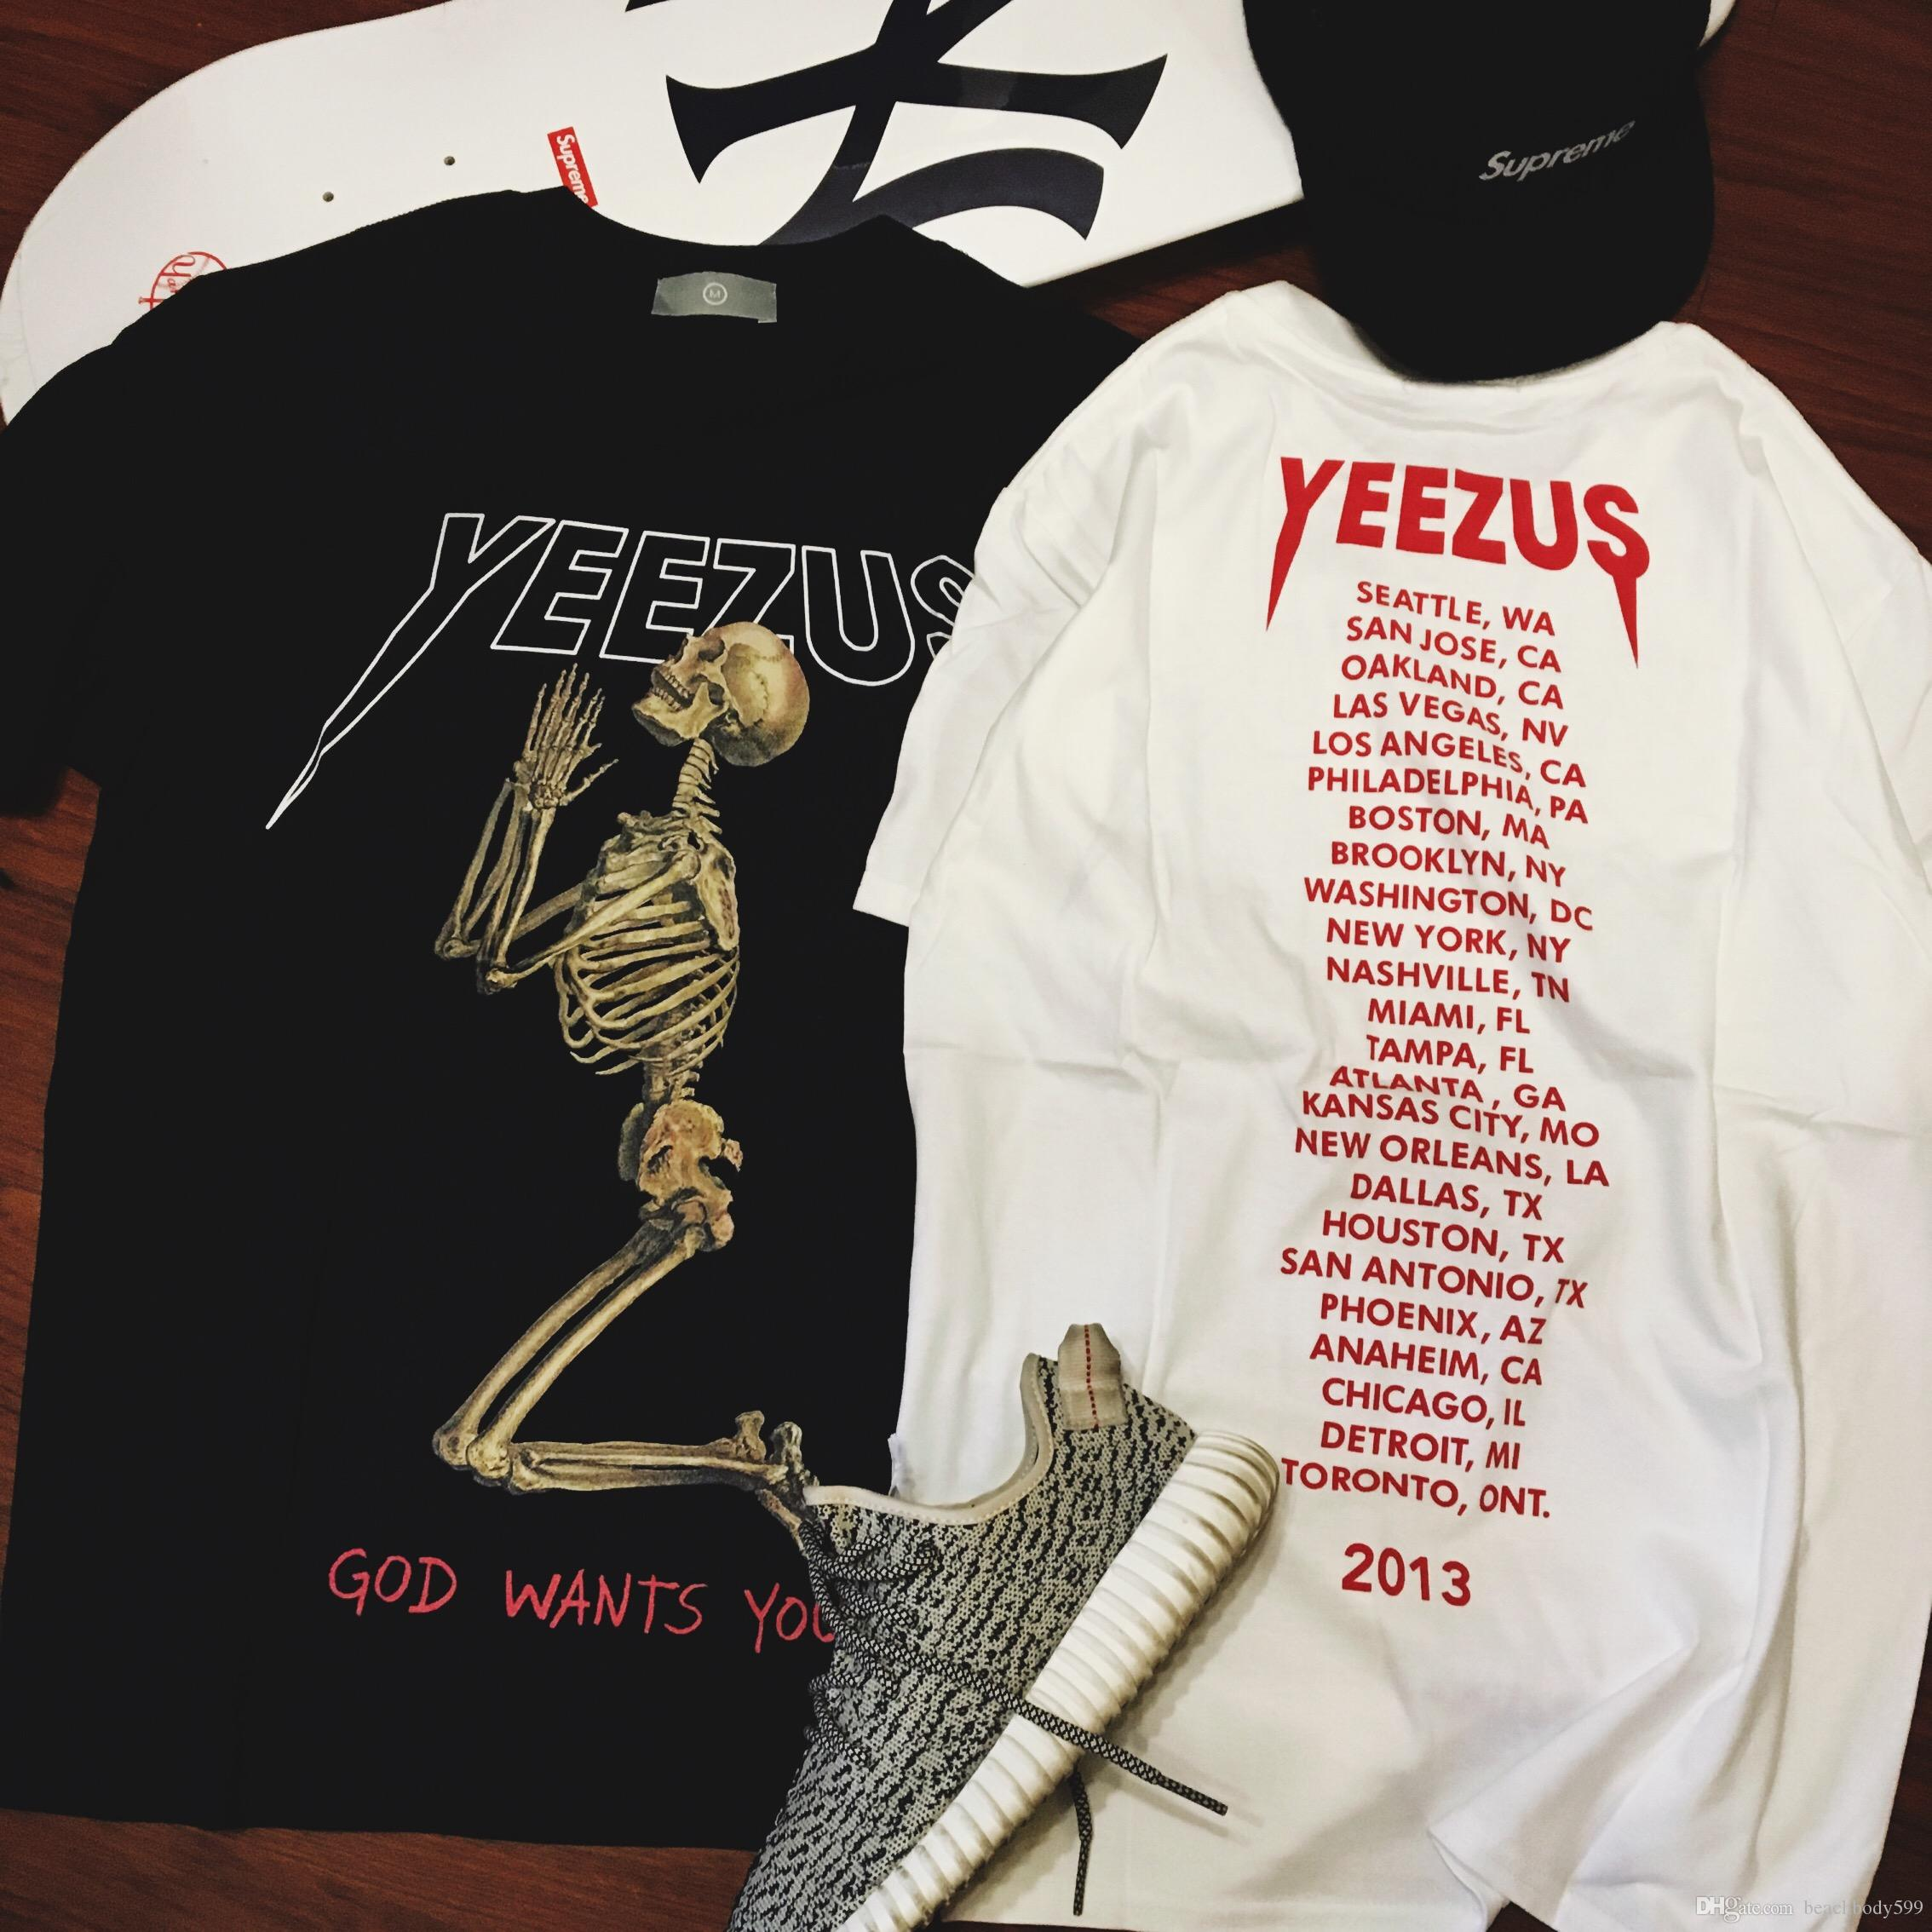 Corta Fantasma Calavera Manga Camiseta Yeezus Tour De Compre Popular m0wONv8n